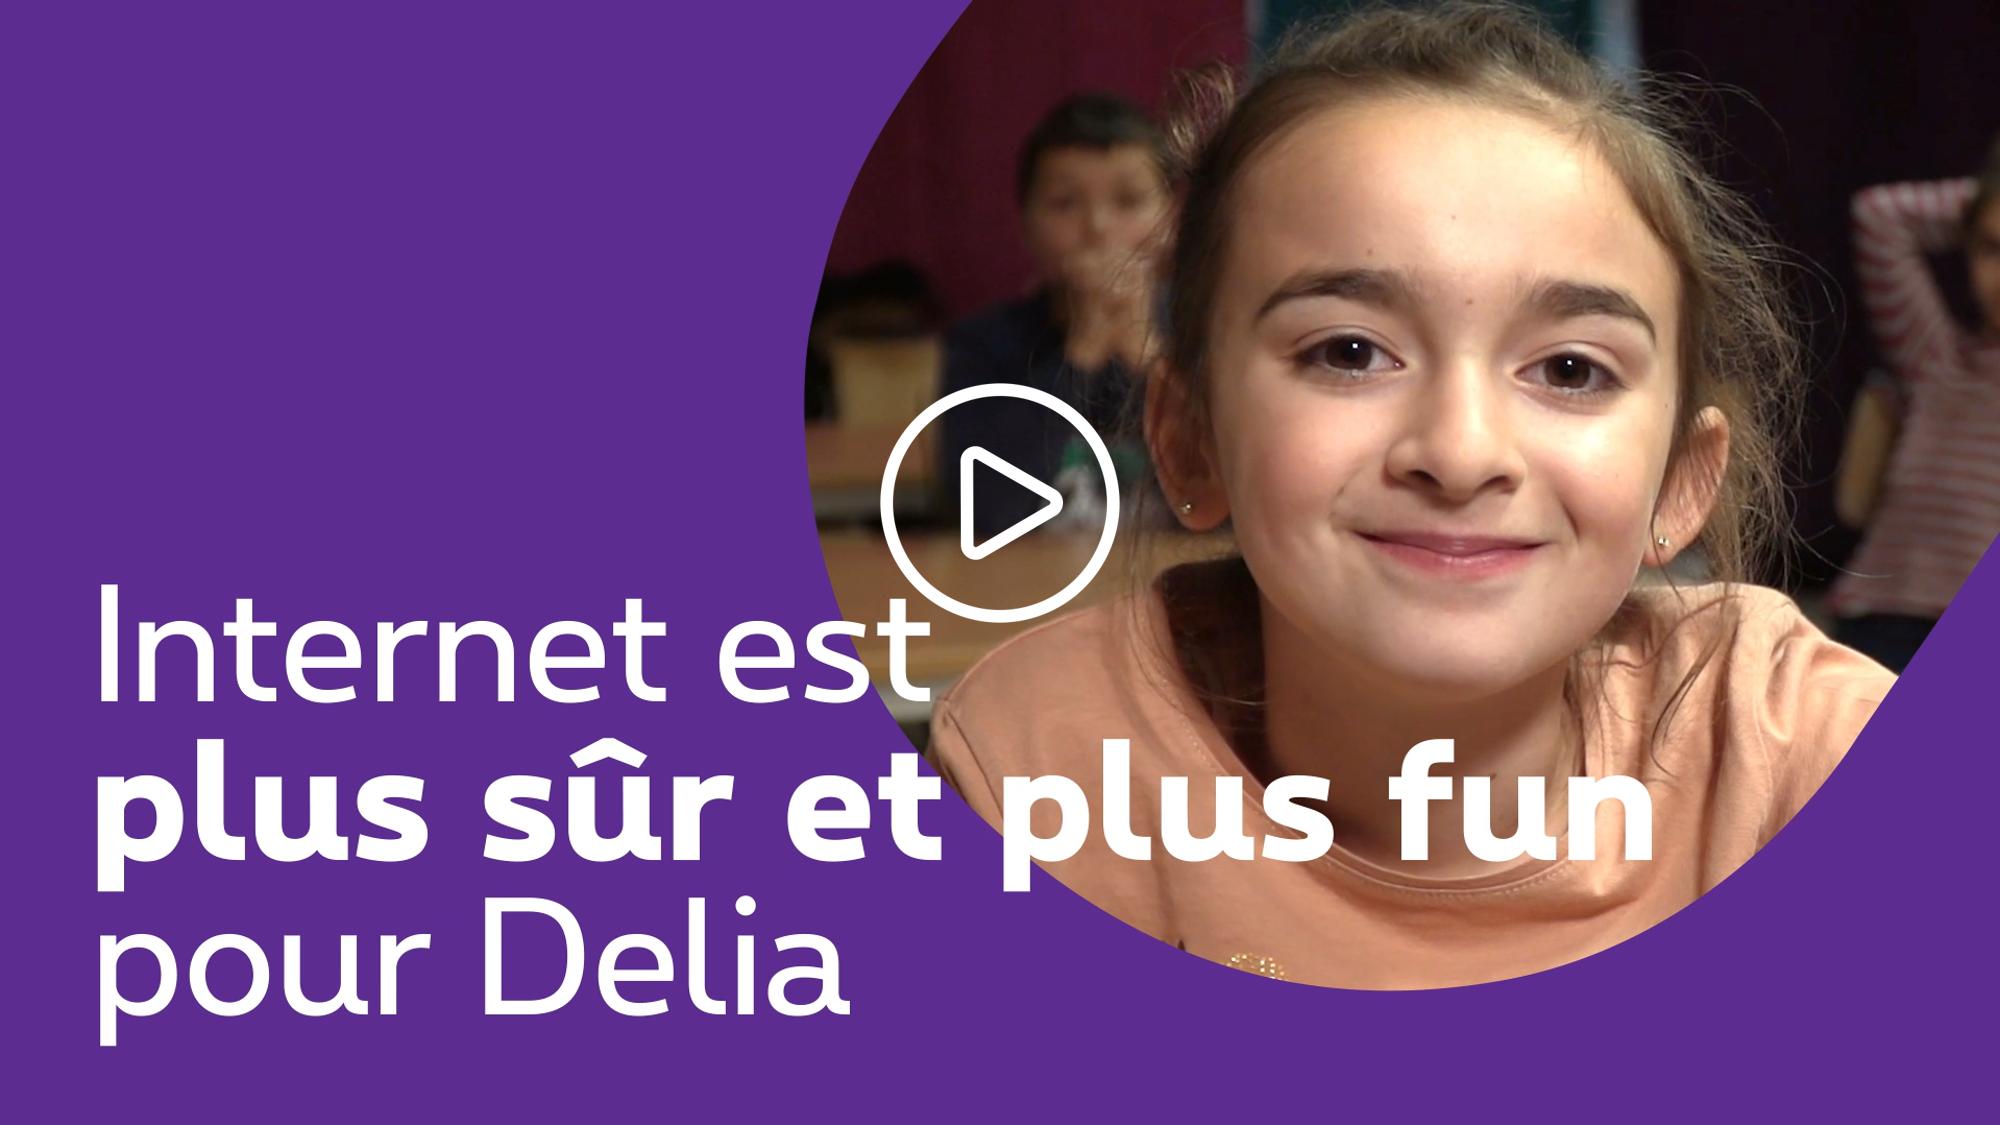 Internet est maintenant plus sûr et plus fun pour Delia - clique pour découvrir la video